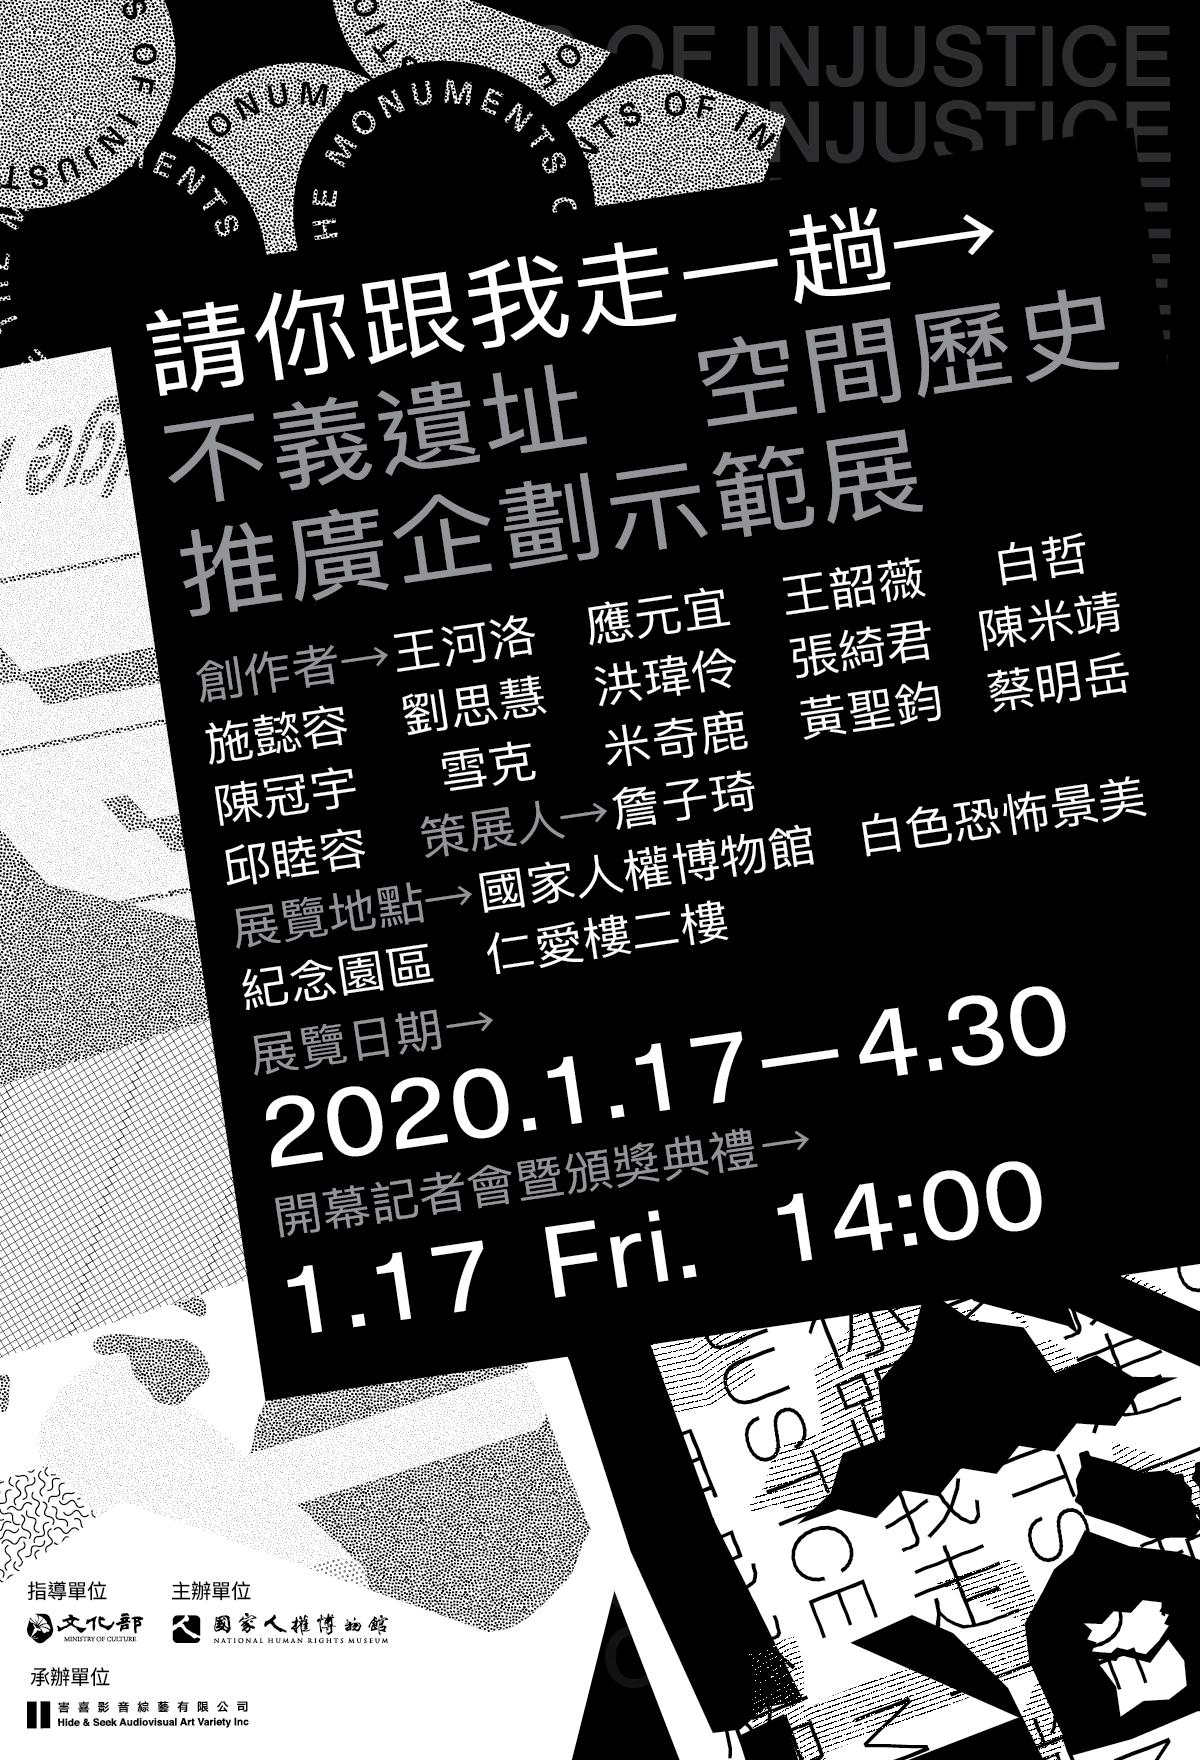 國家人權博物館:2020/01/17-04/30【請你跟我走一趟→不義遺址空間歷史推廣企劃示範展(1/17開幕記者會暨頒獎典禮)】